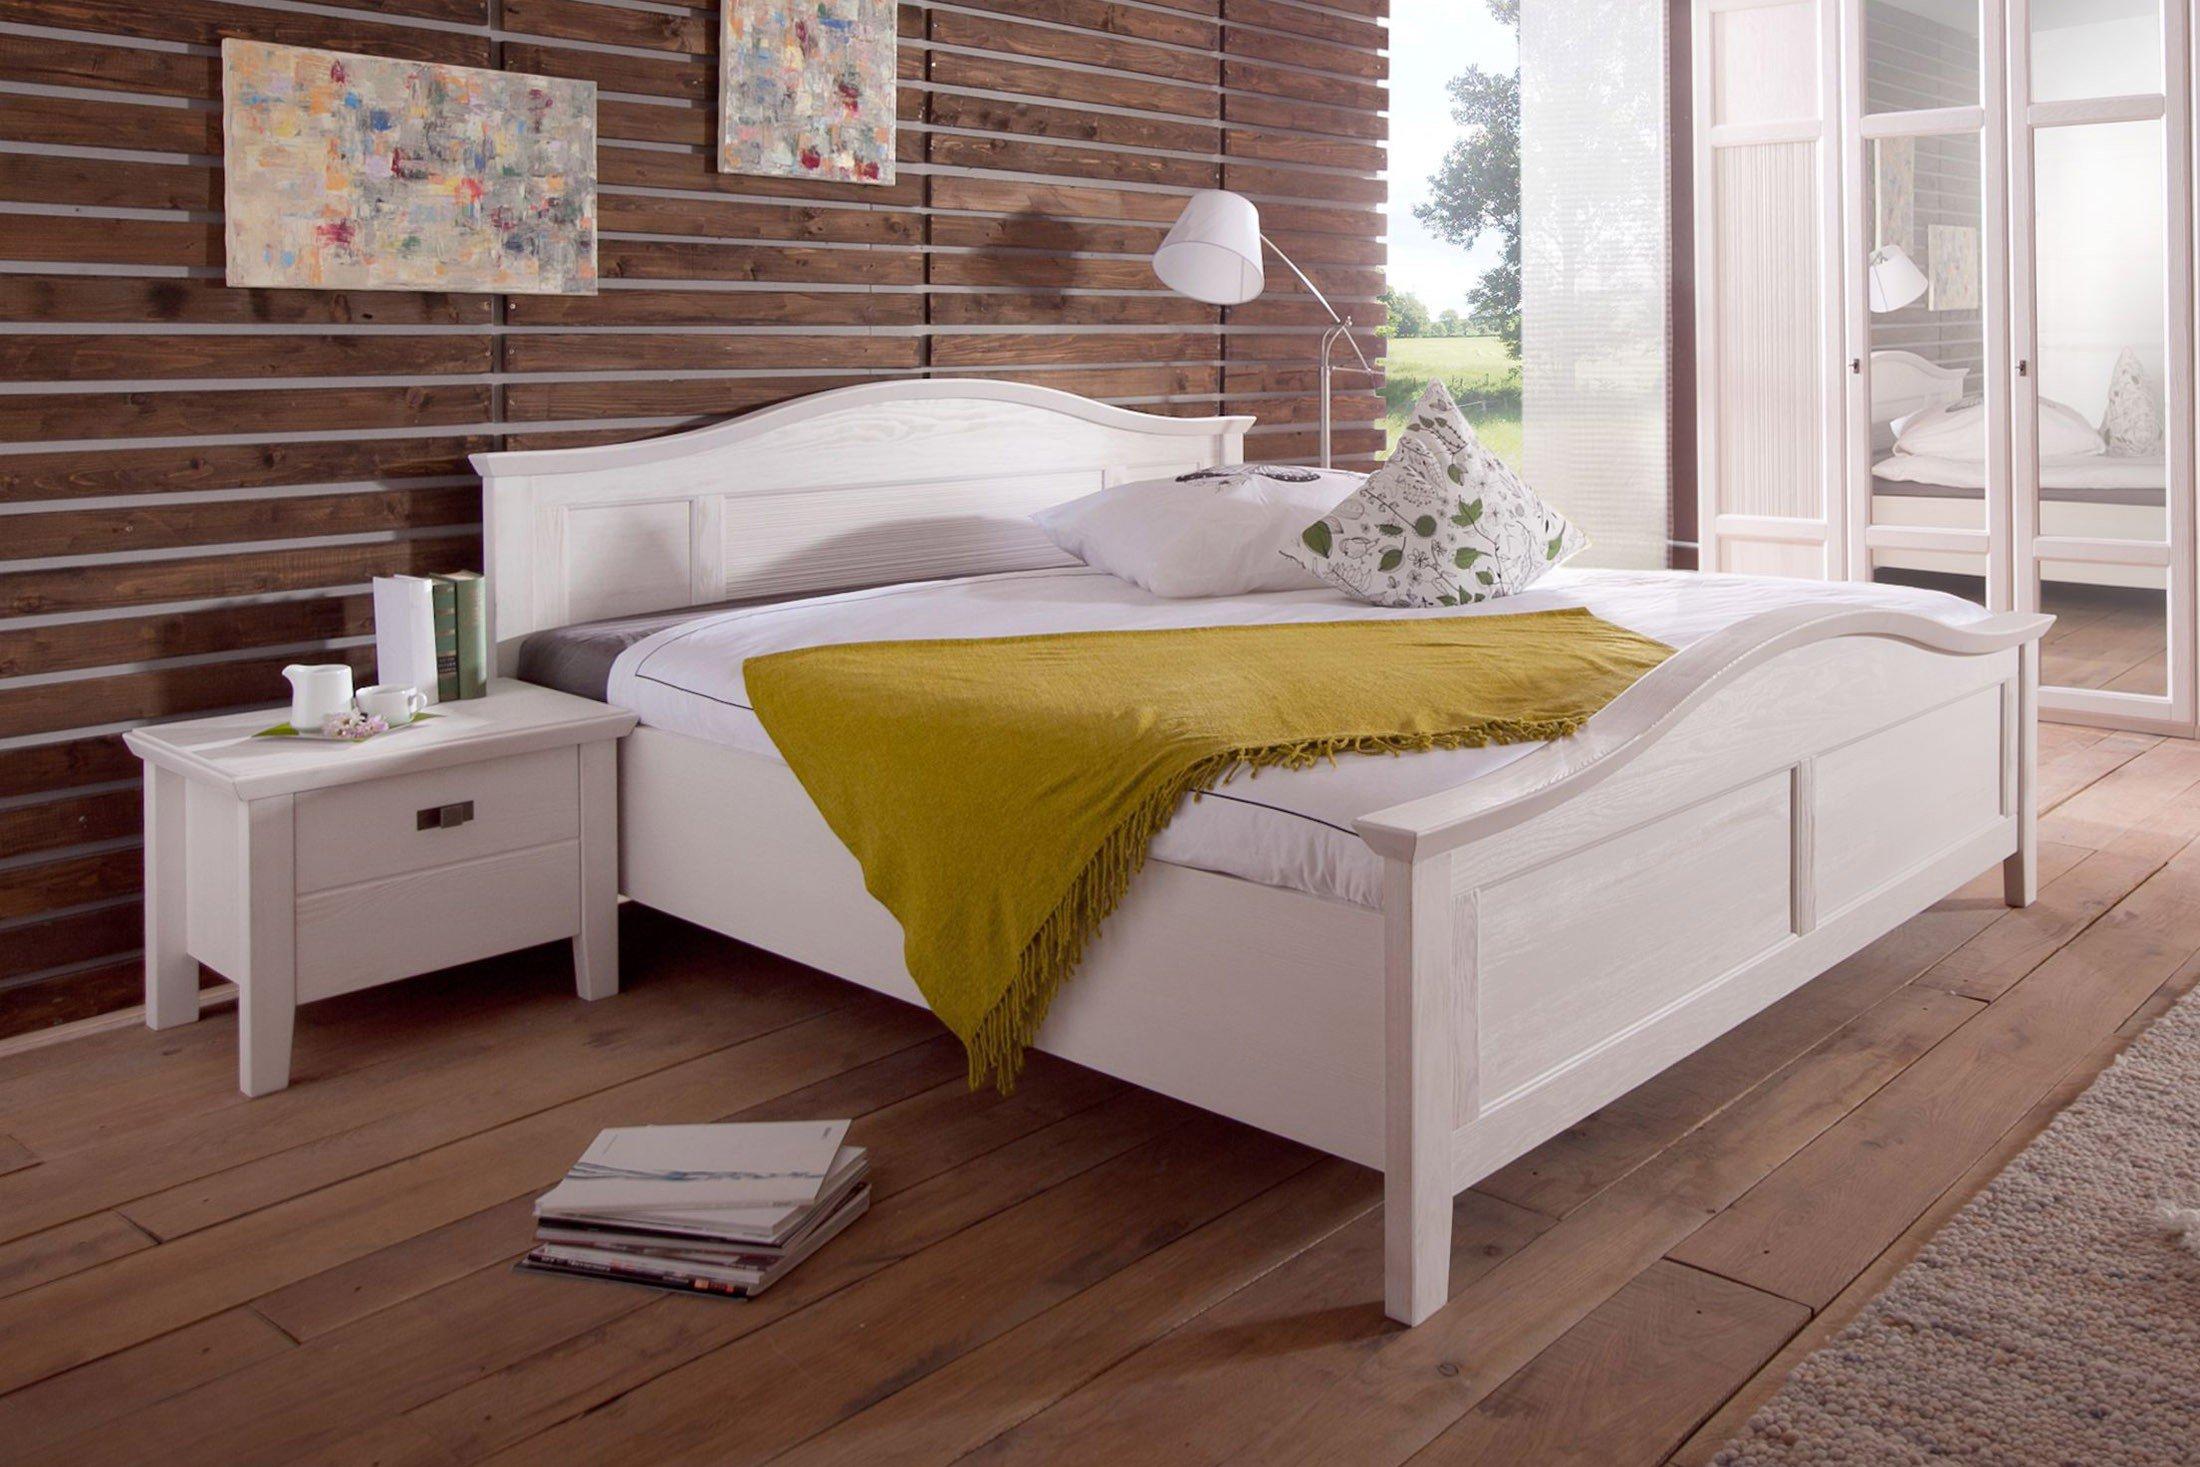 Telmex Casa Schlafzimmer-Möbel Pinie weiß lackiert | Möbel Letz ...